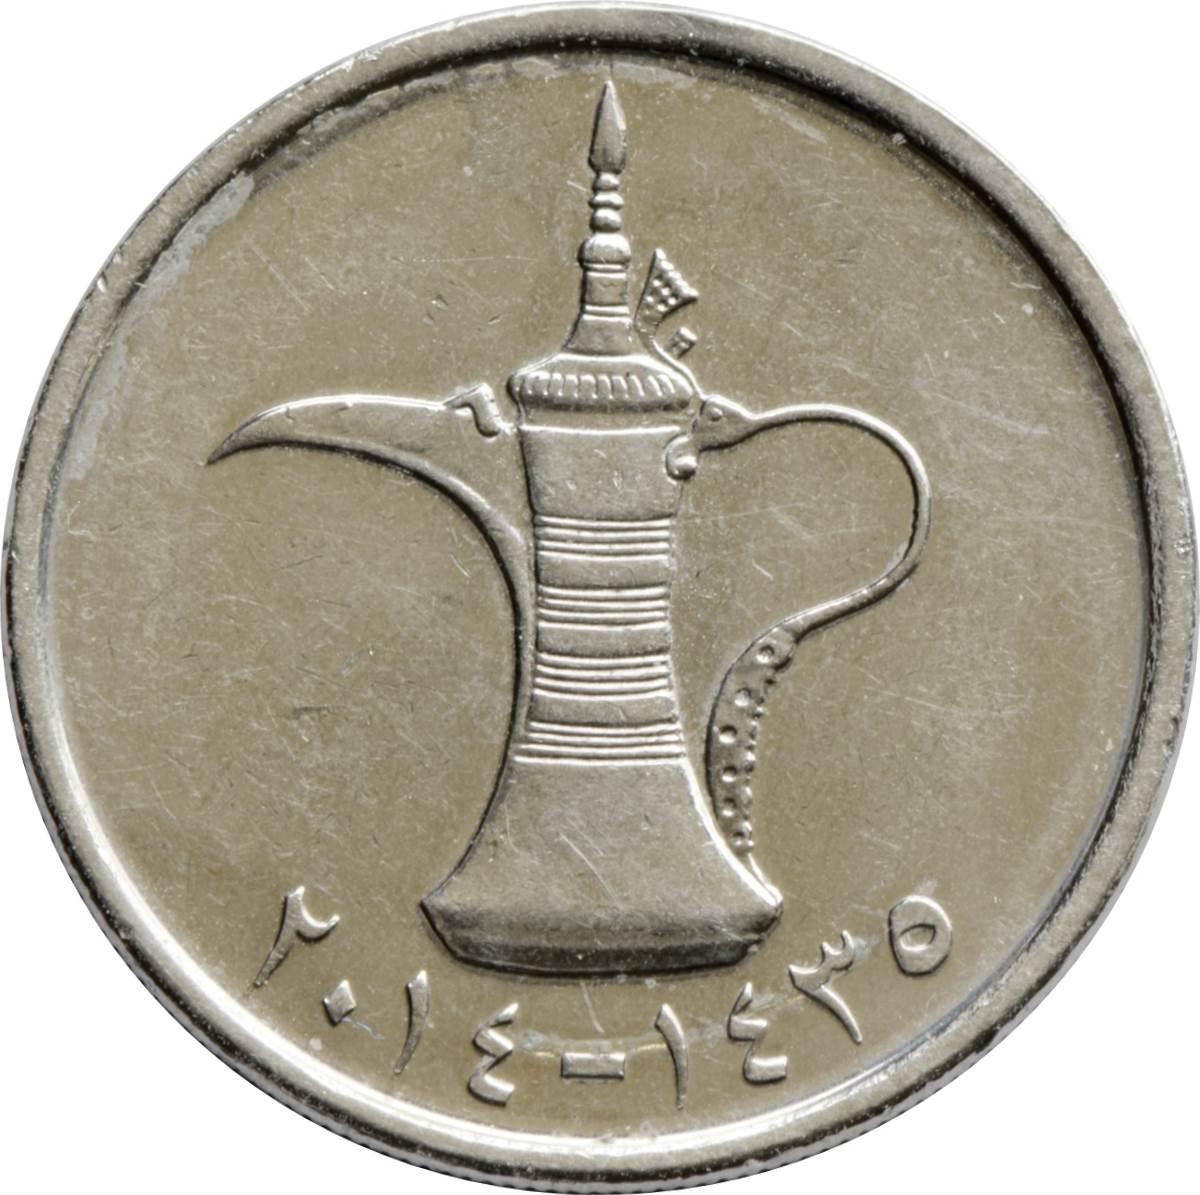 1 Dirham Khalifa Small Type Magnetic United Arab Emirates Numista